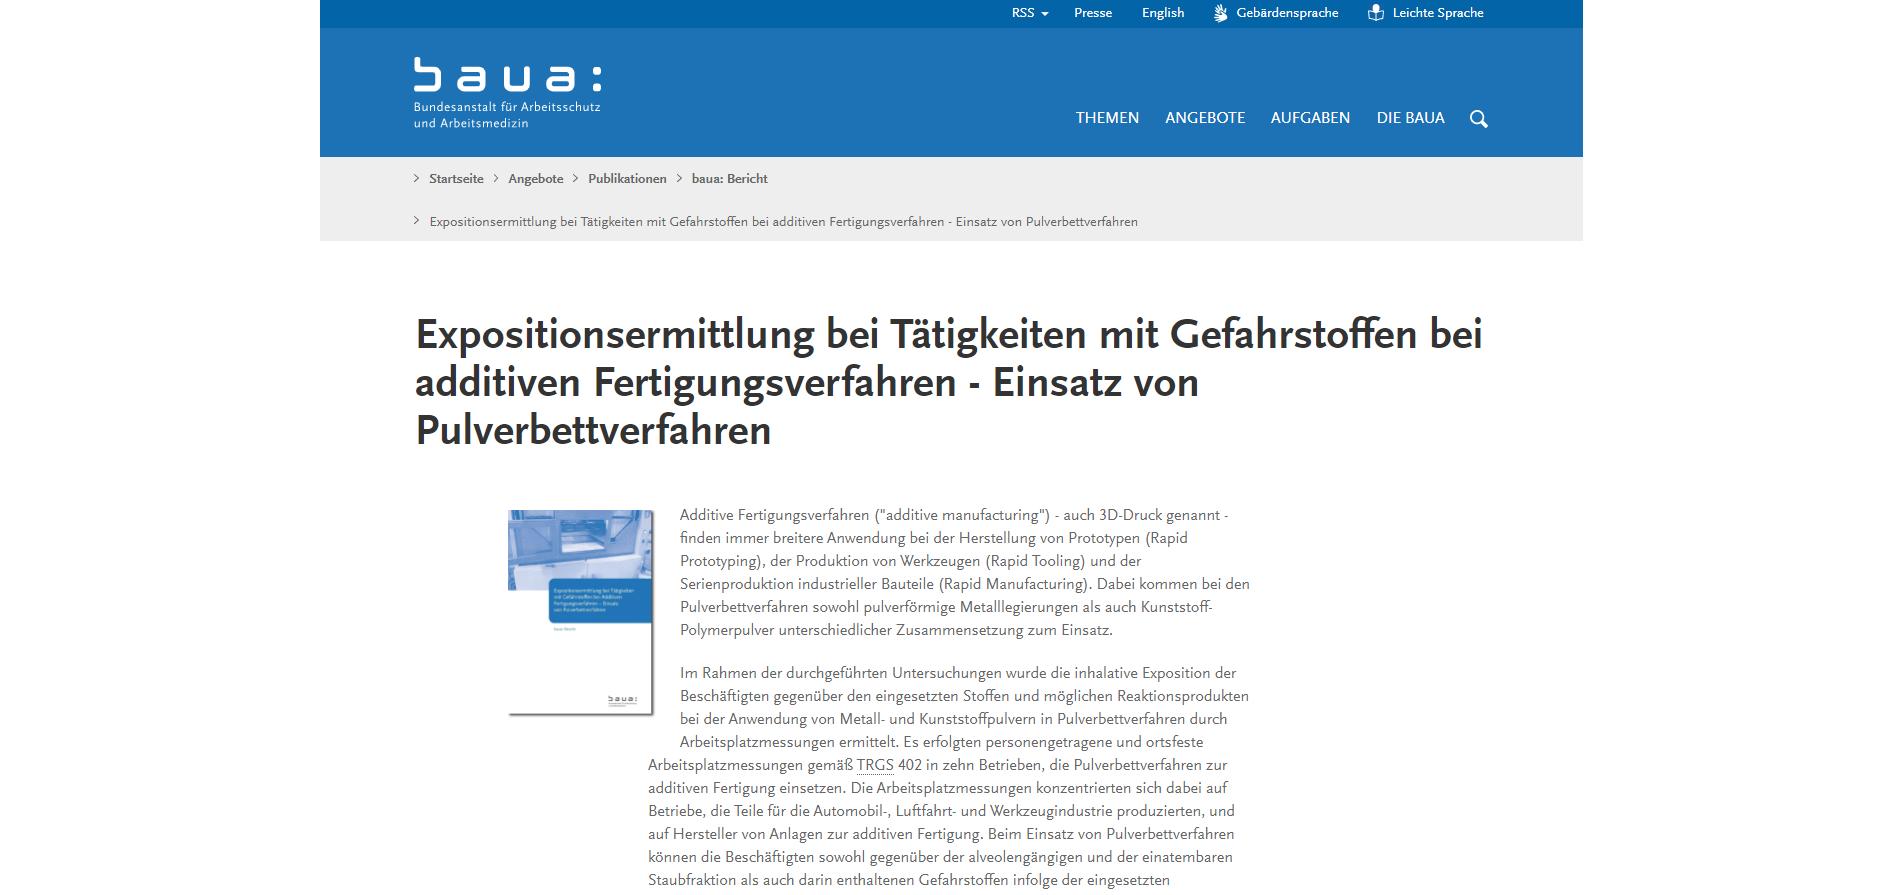 Screenshot BAuA; Expositionsermittlung bei Tätigkeiten mit Gefahrstoffen bei additiven Fertigungsverfahren - Einsatz von Pulverbettverfahren